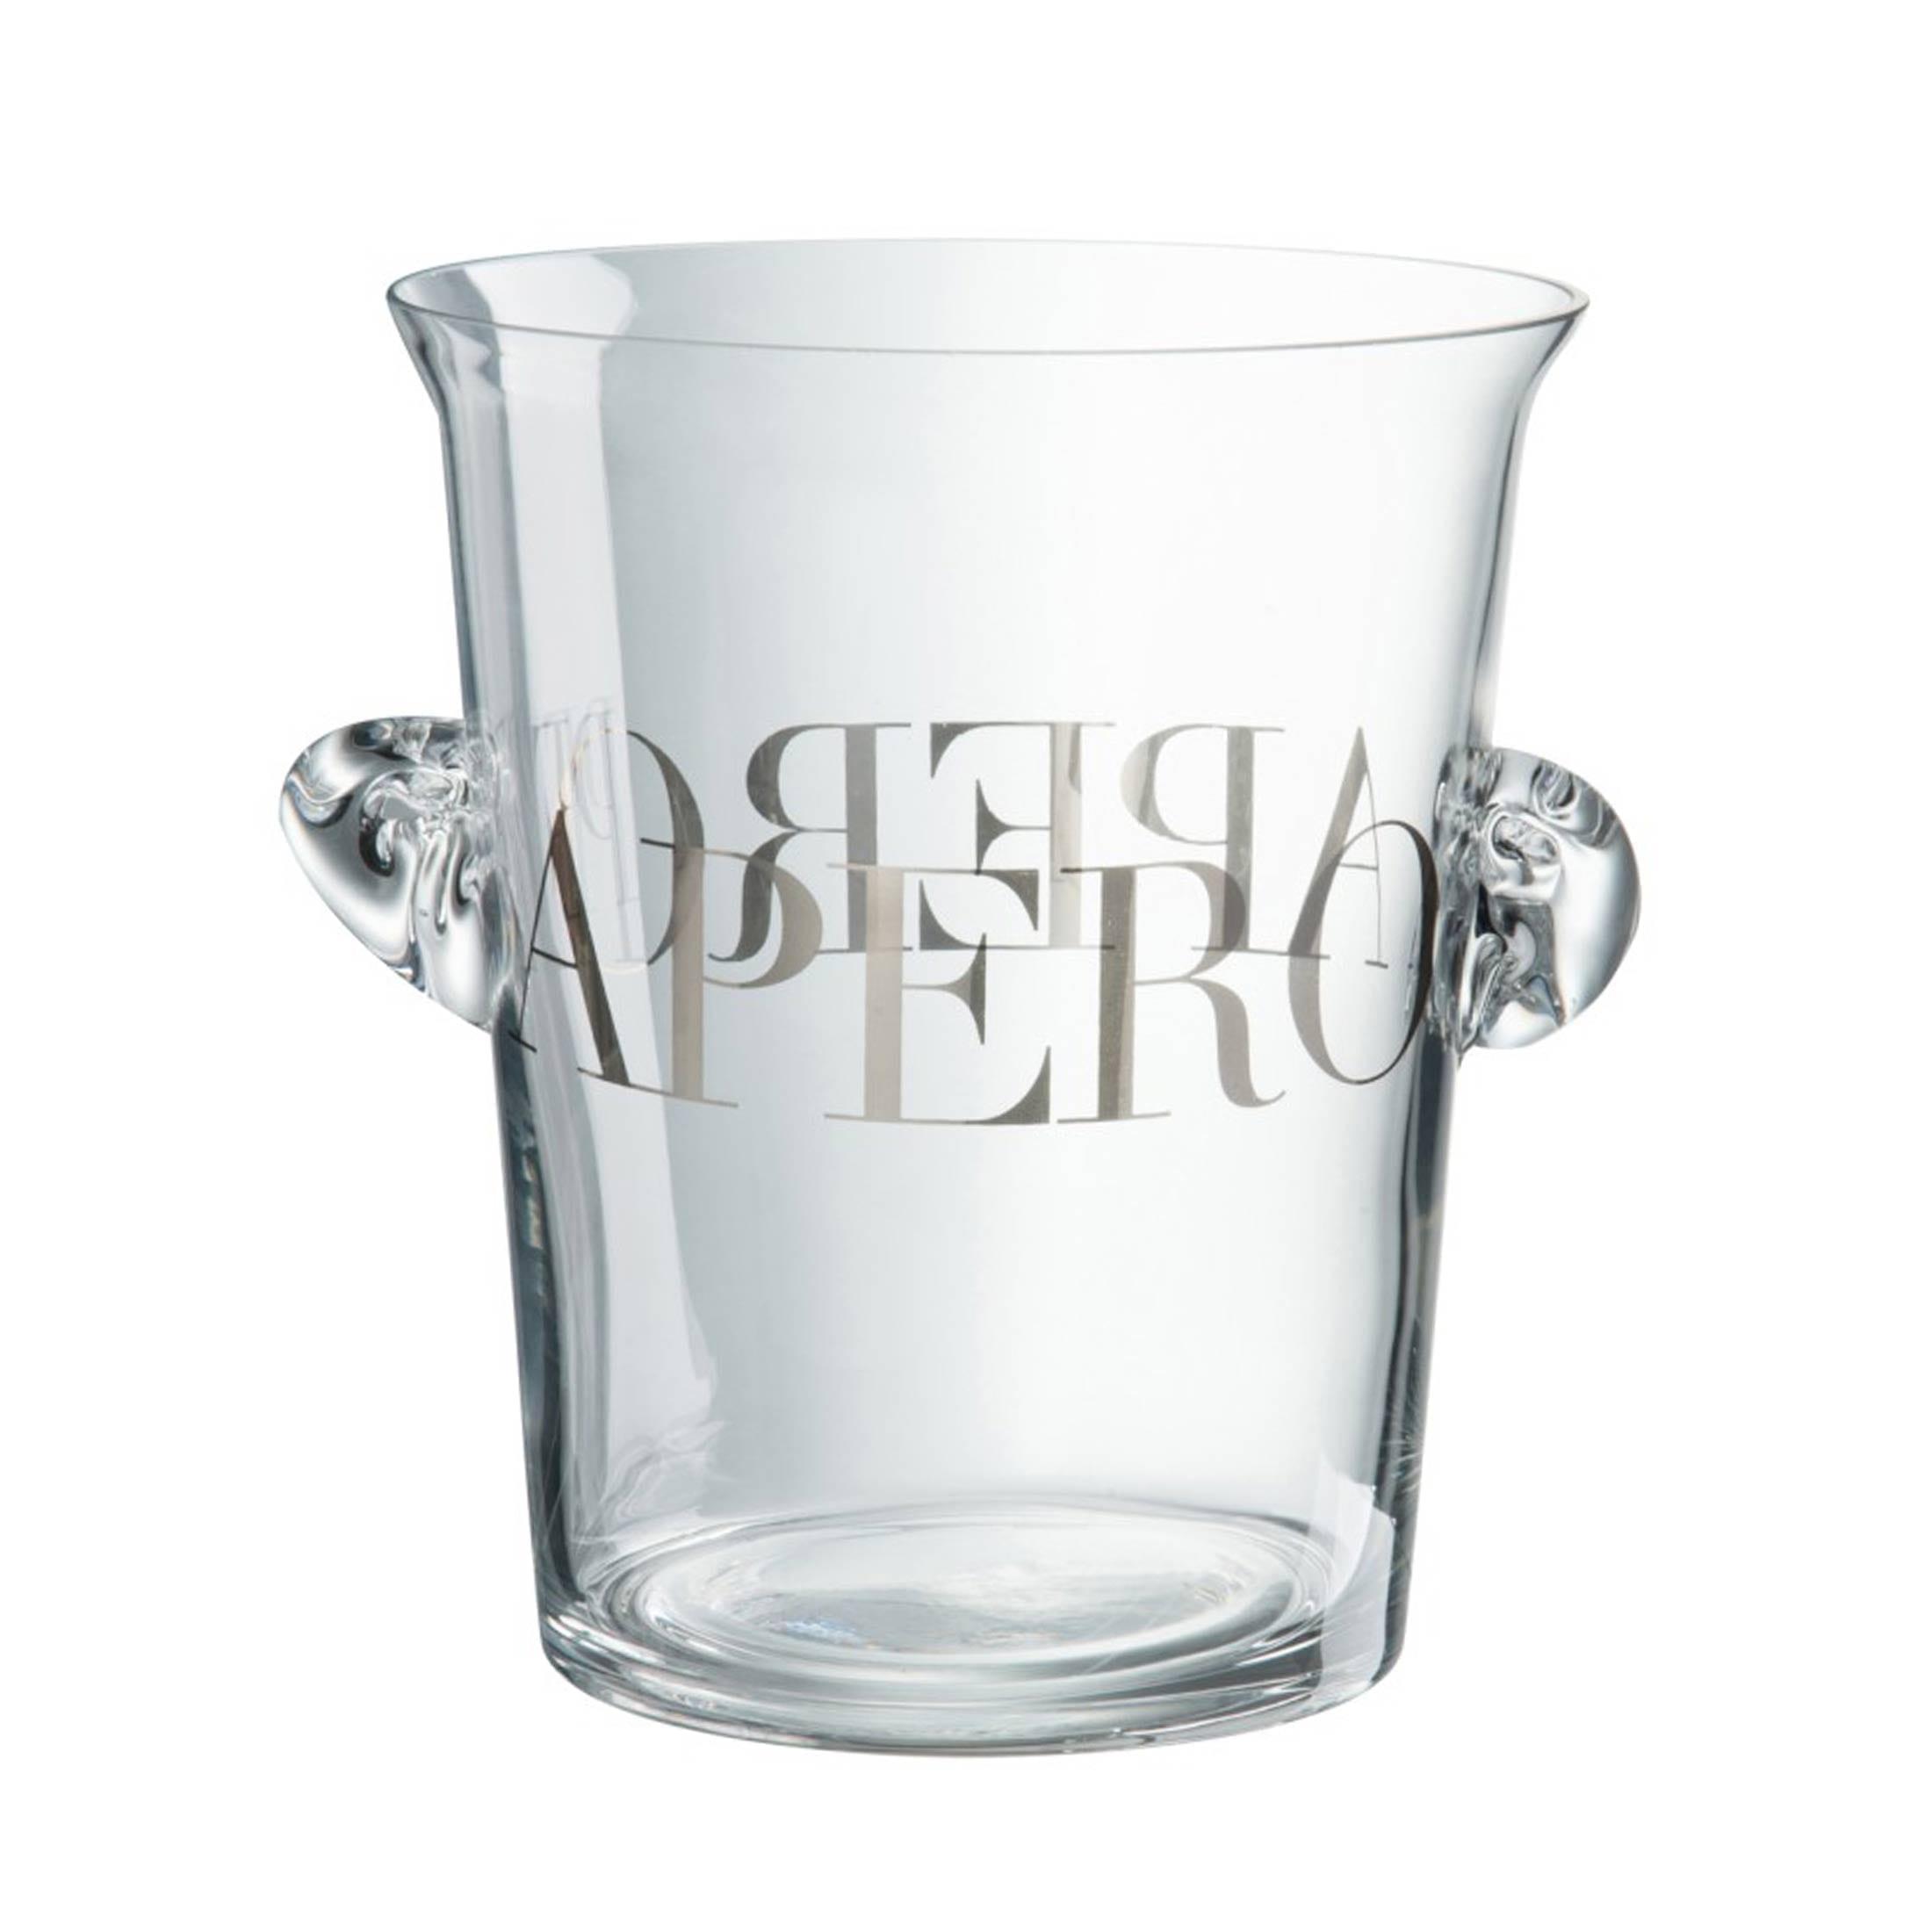 Sektkühler aus Glas mit silberner Schrift von der Marke Jline. Entdecke passend dazu die Champagner Gläser für dein schönstes Fest